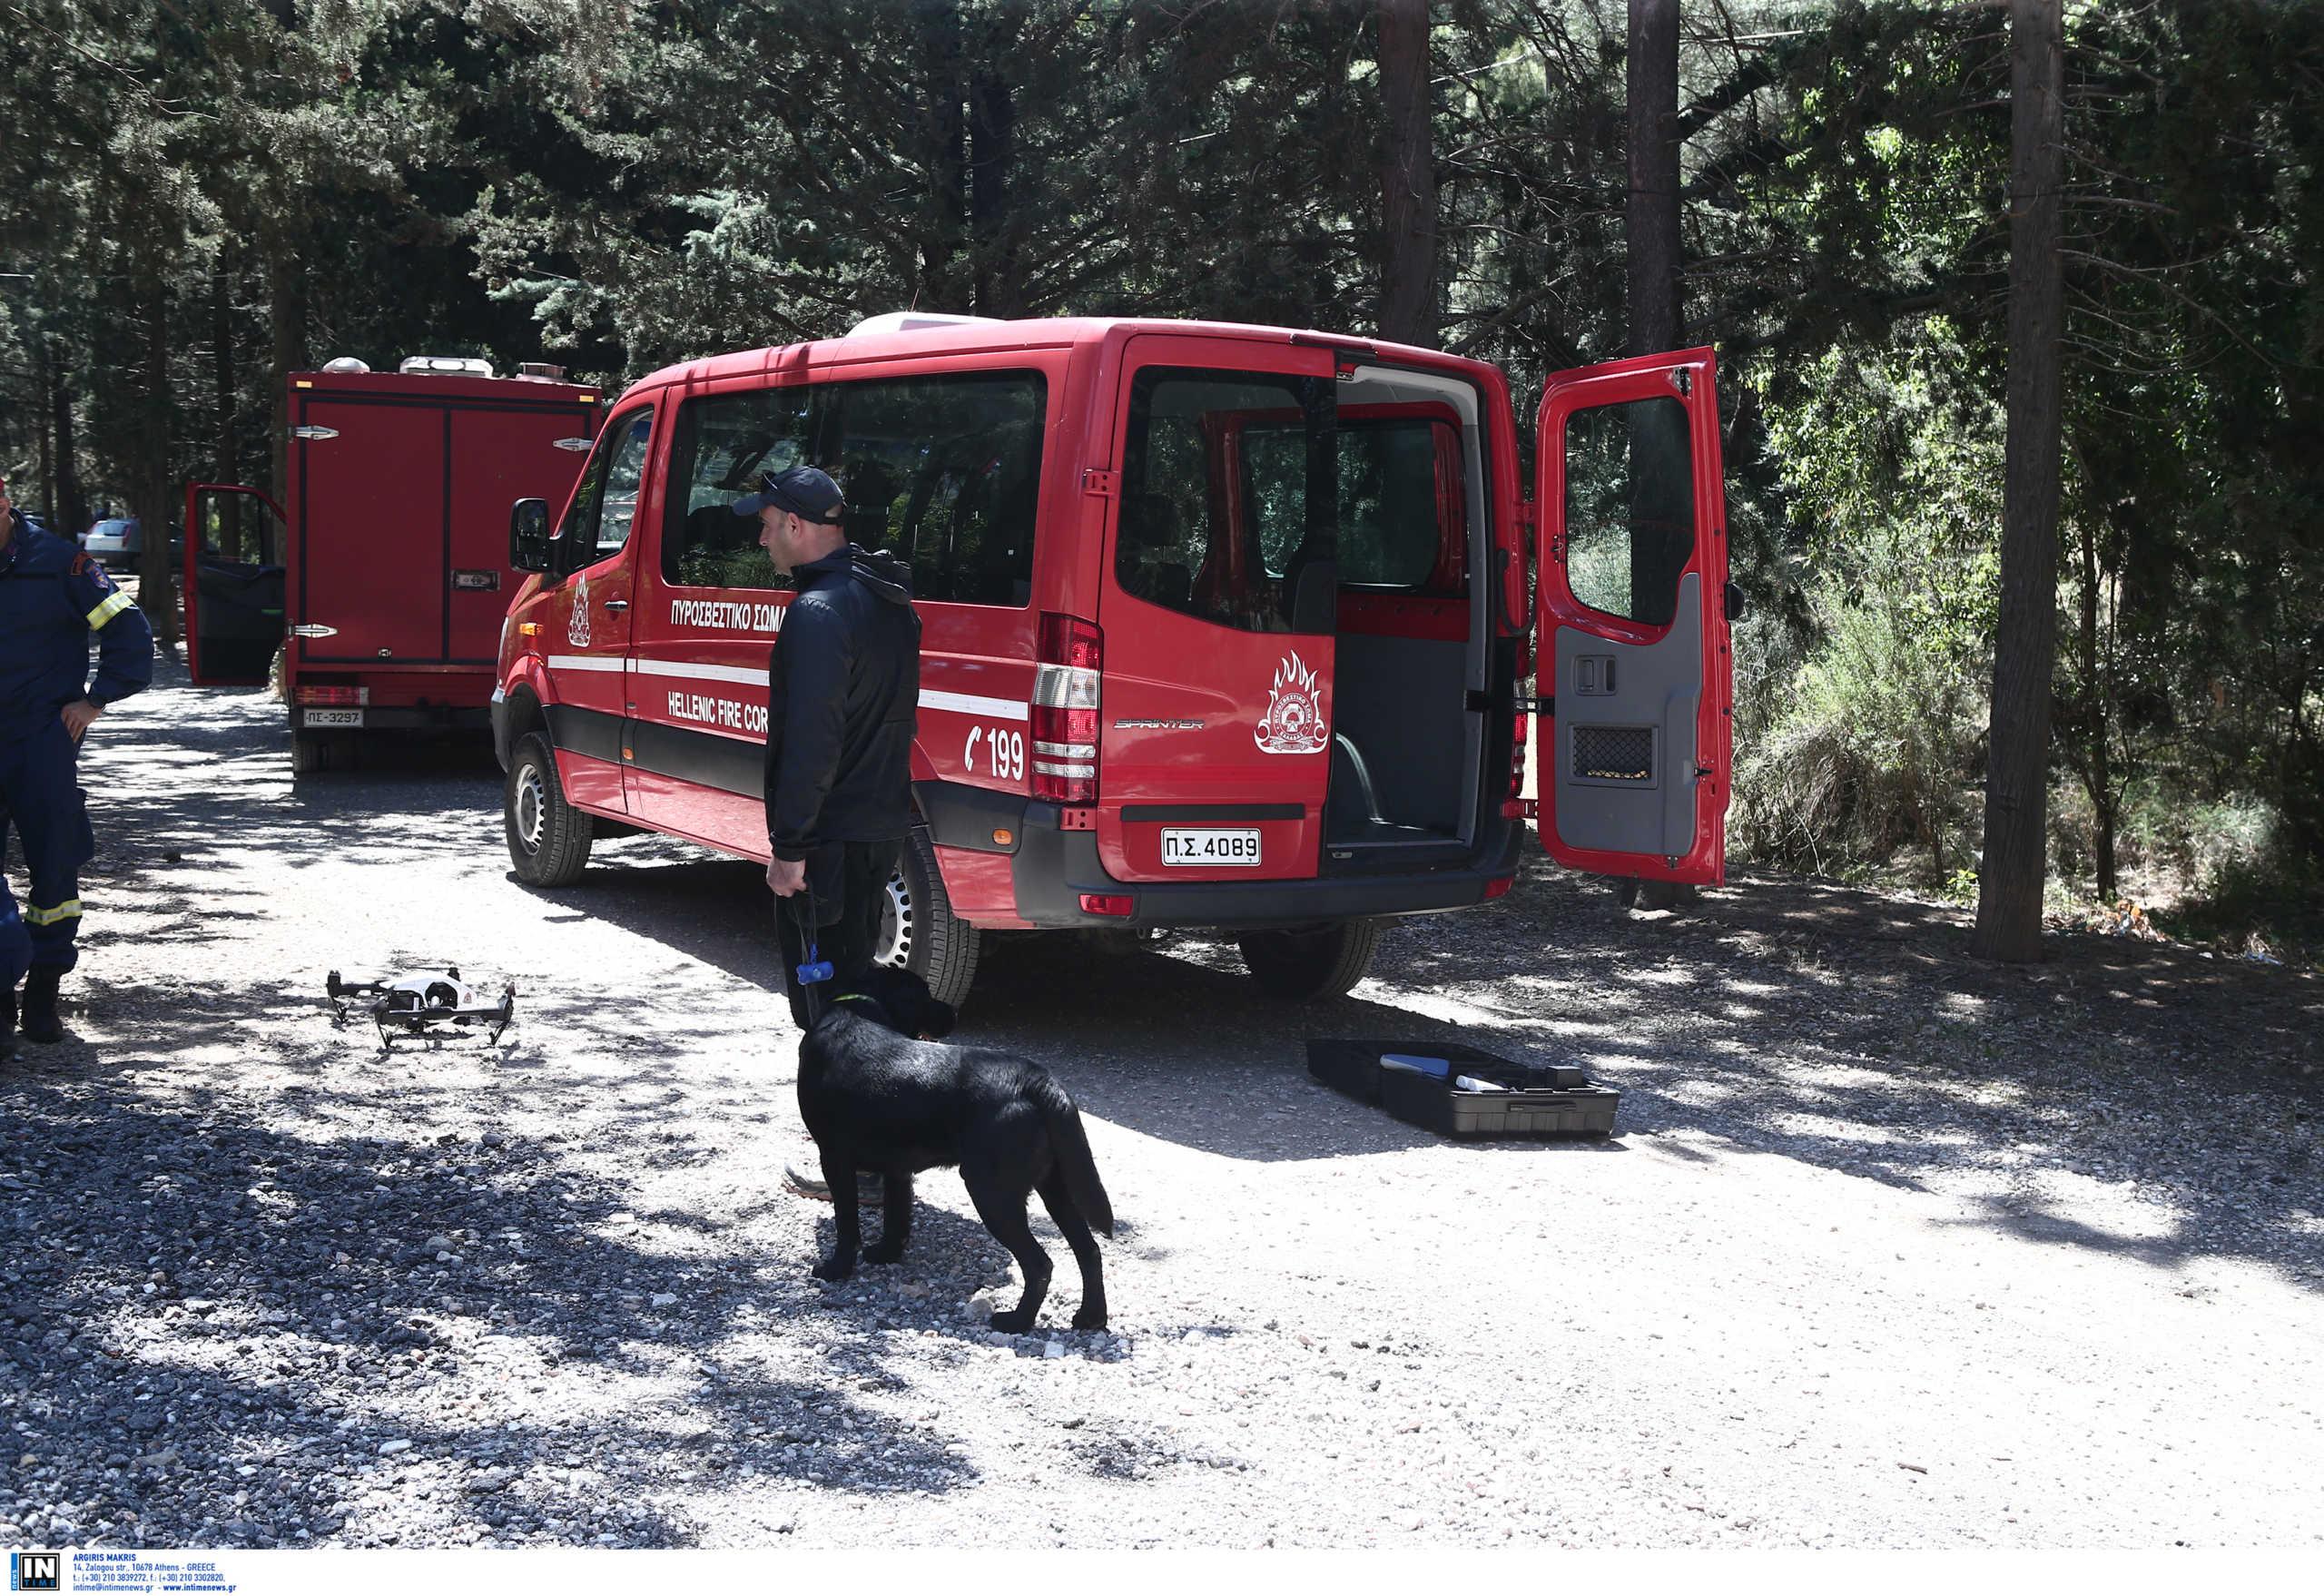 Αιτωλοακαρνανία: Δραματική επιχείρηση για ανάσυρση ατόμου που έπεσε στο κενό σε δύσβατο σημείο